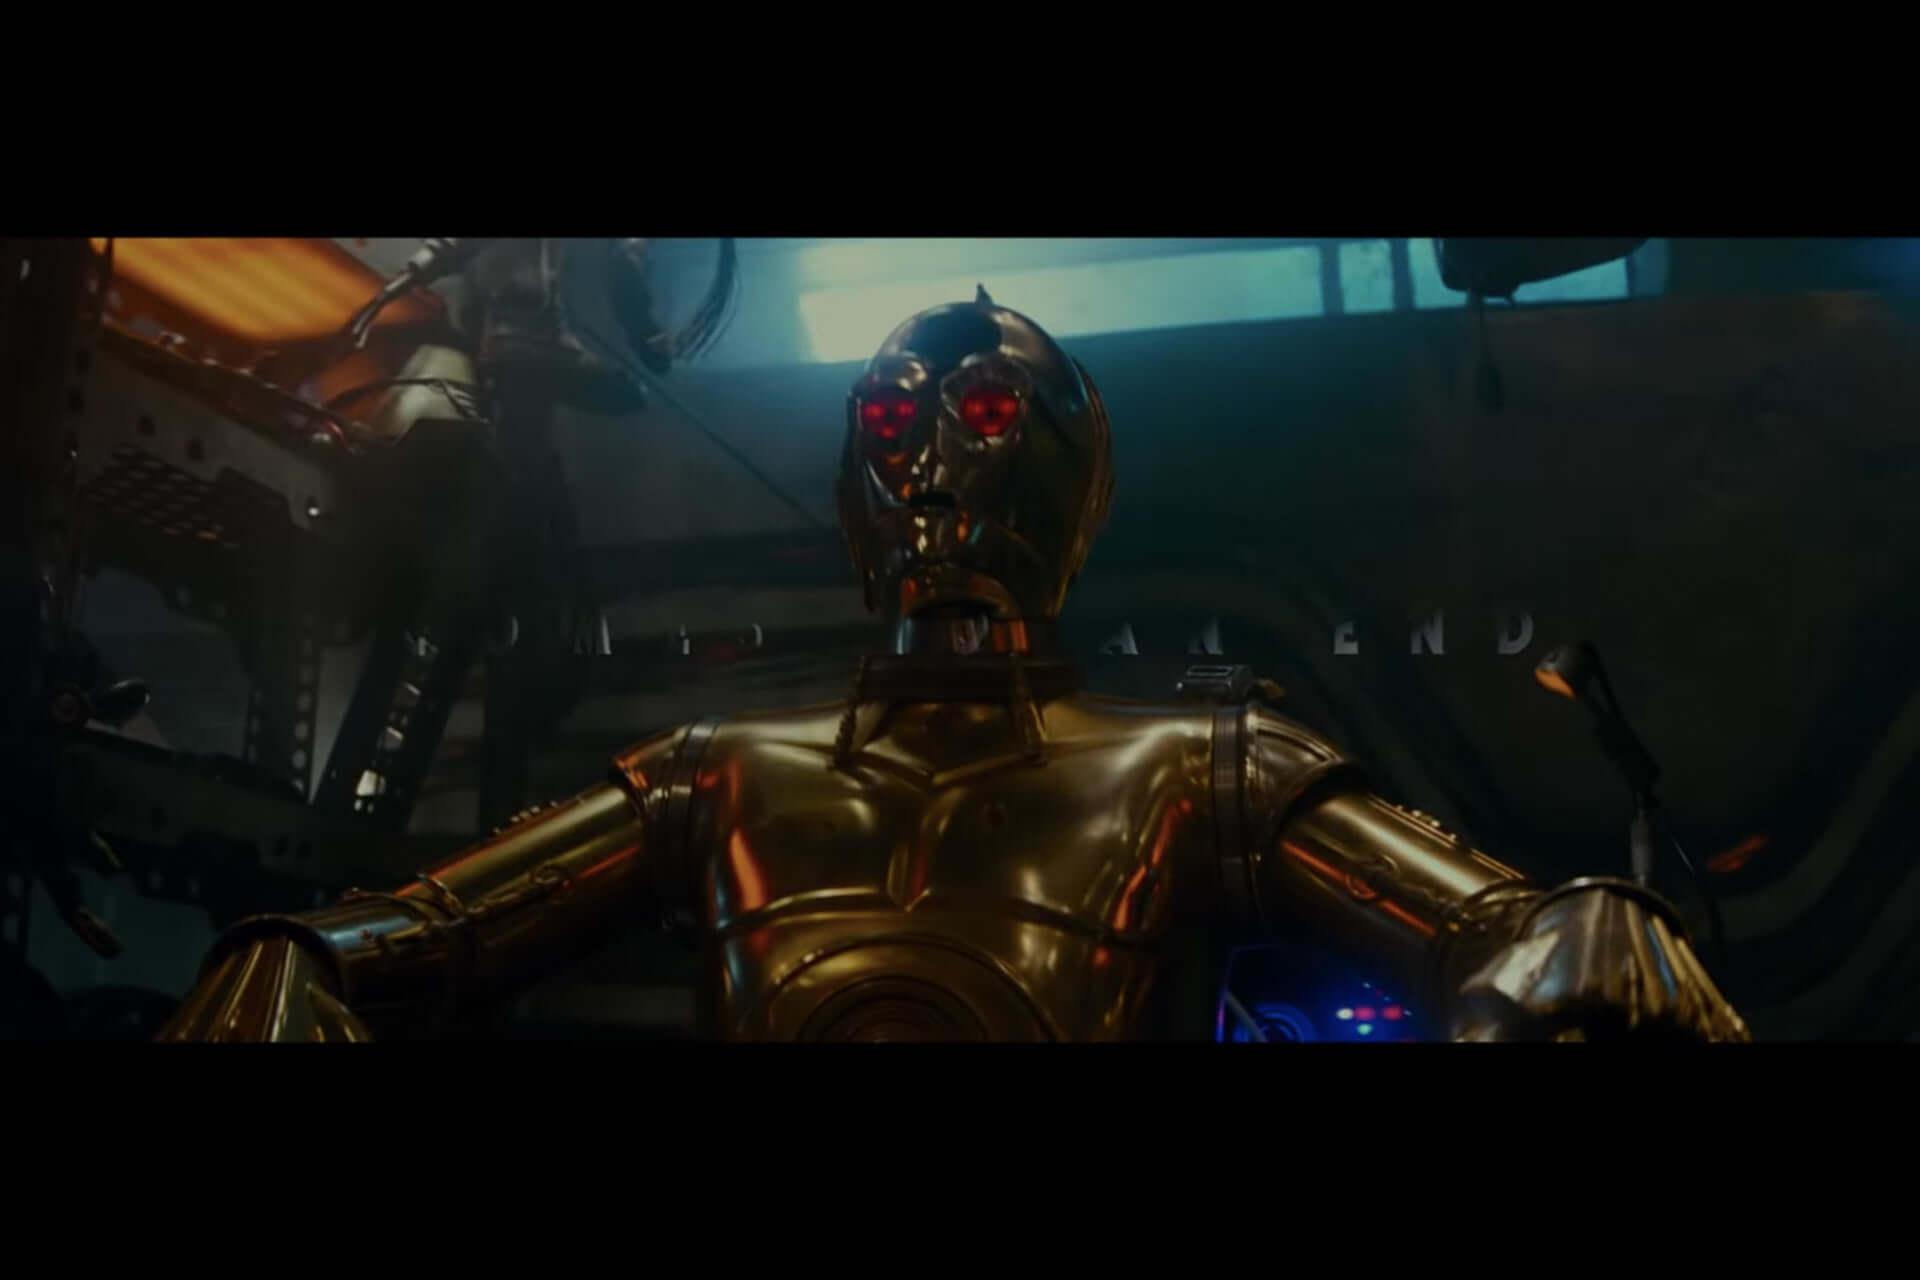 『スター・ウォーズ』最新作特別映像でC-3POの目が真っ赤な理由は?C-3PO役俳優が説明 film190906_starwars_c3po_main-1920x1280